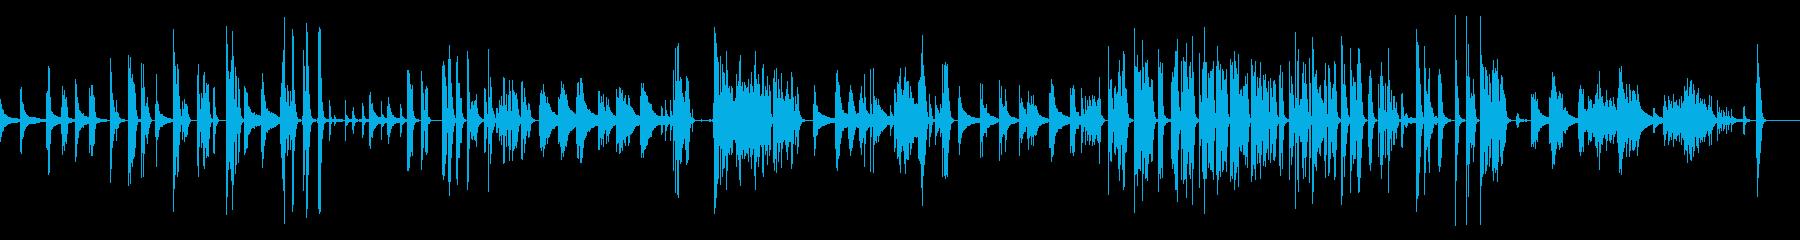 現代音楽風のホラーなピアノソロの再生済みの波形